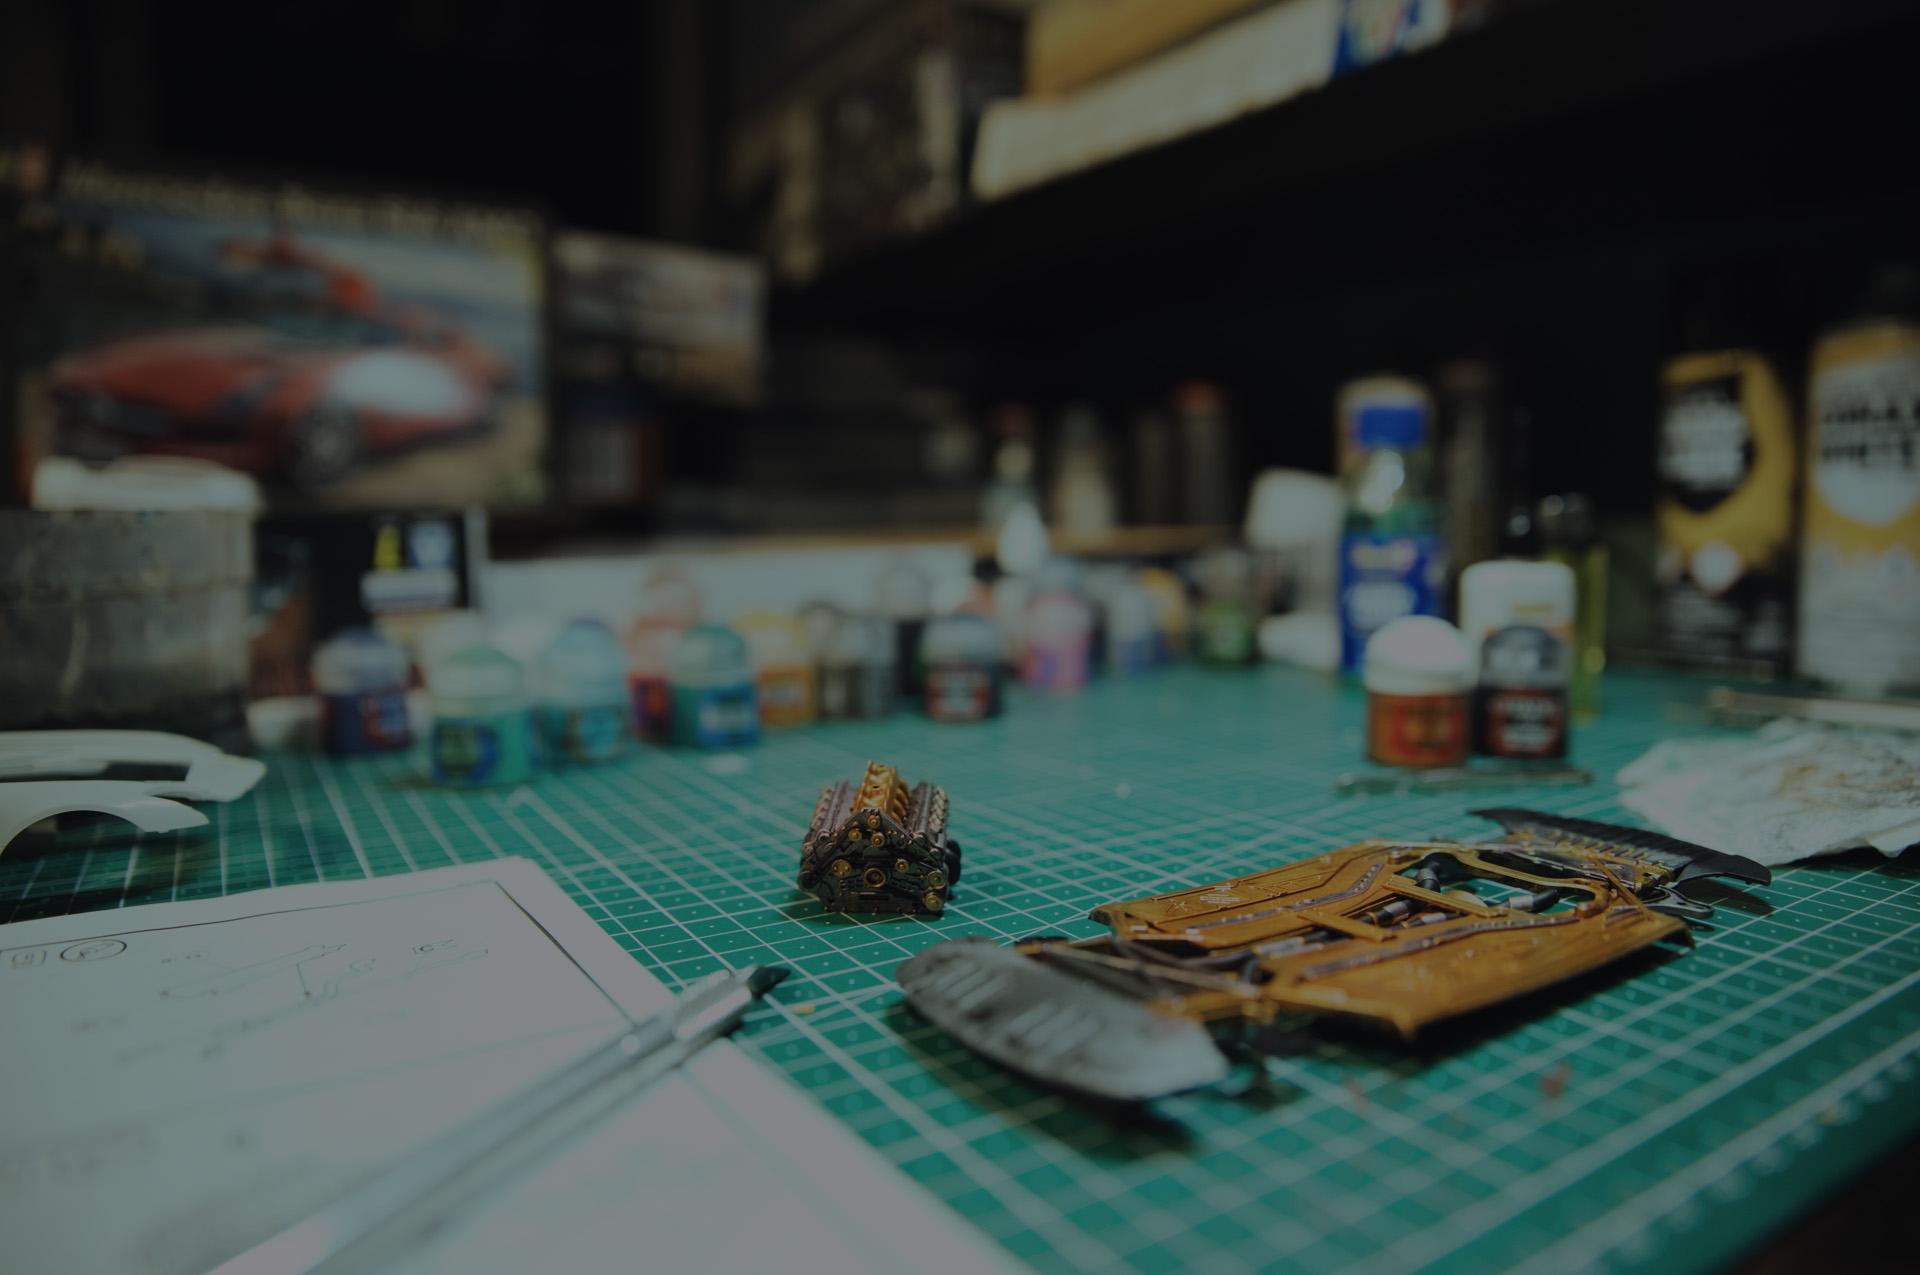 Auto Modellbau auf modellbautest.de - Modellbausatz vor Modellbauutensilien, verpackten Bausätzen und Bastelmatte